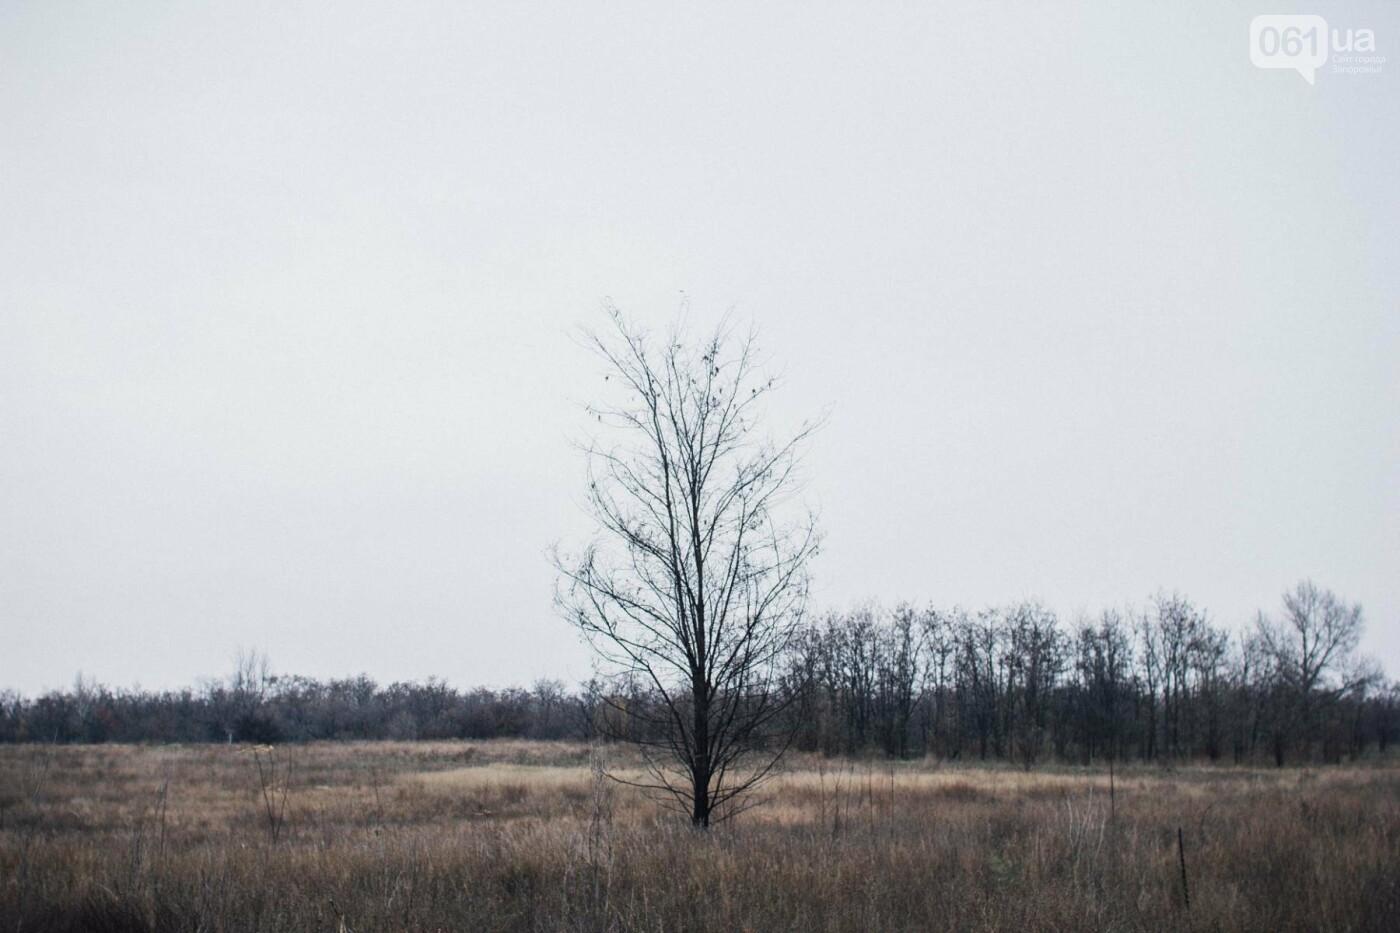 Четыре дня до зимы: как выглядит Хортица поздней осенью, - ФОТОРЕПОРТАЖ, фото-5